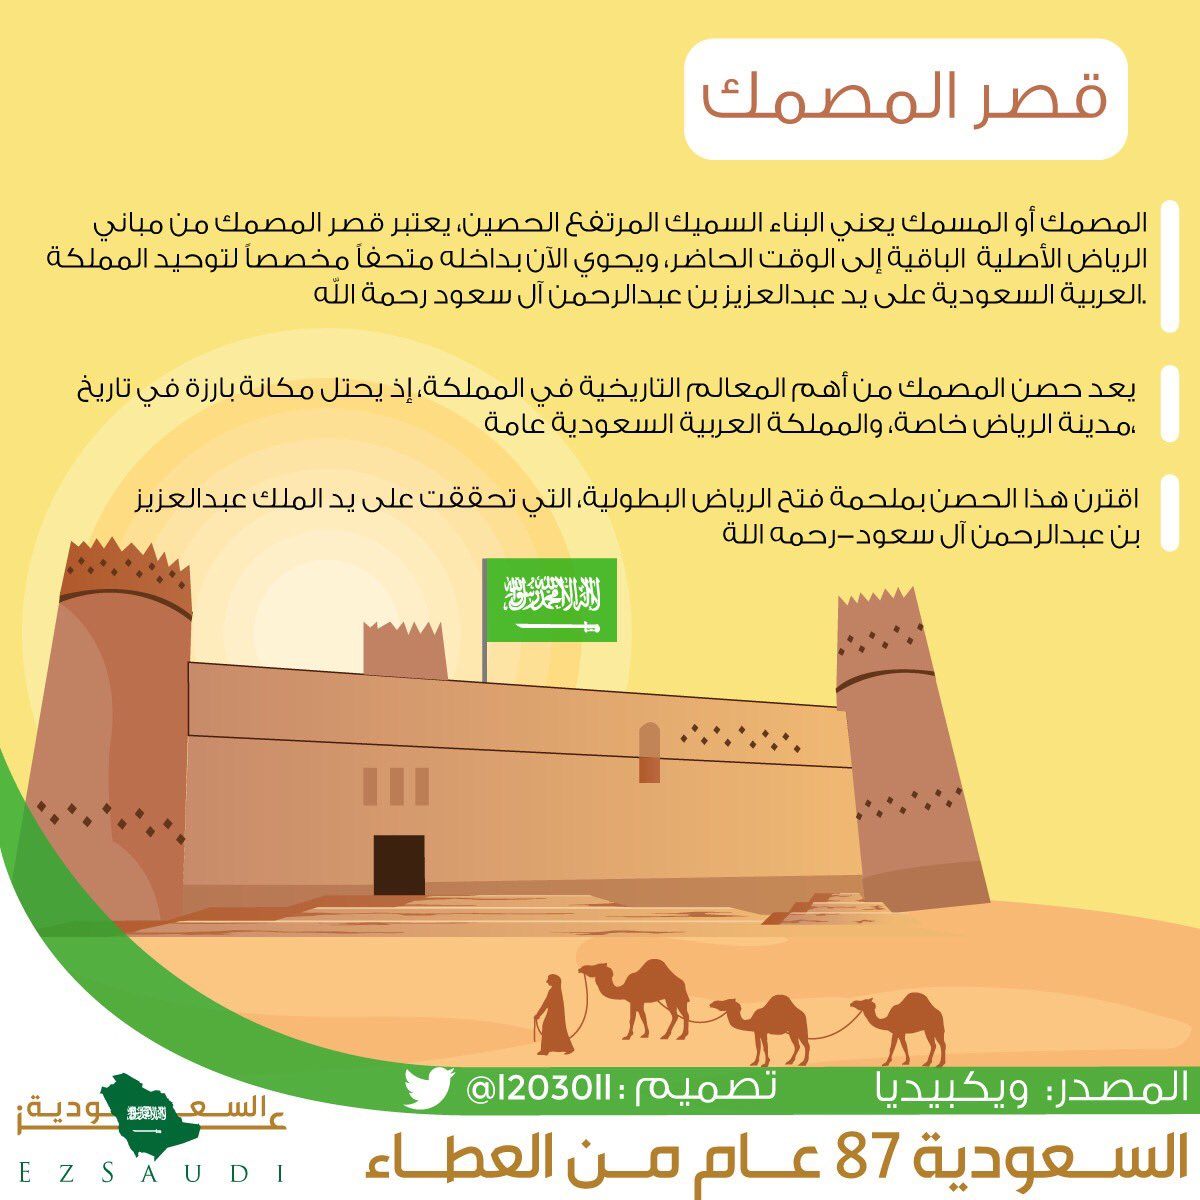 عز السعودية En Twitter السعودية 87 عاما من العطاء ماذا تعرف عن قصر المصمك تعرف أكثر على المعلم التاريخي في مدينة الرياض